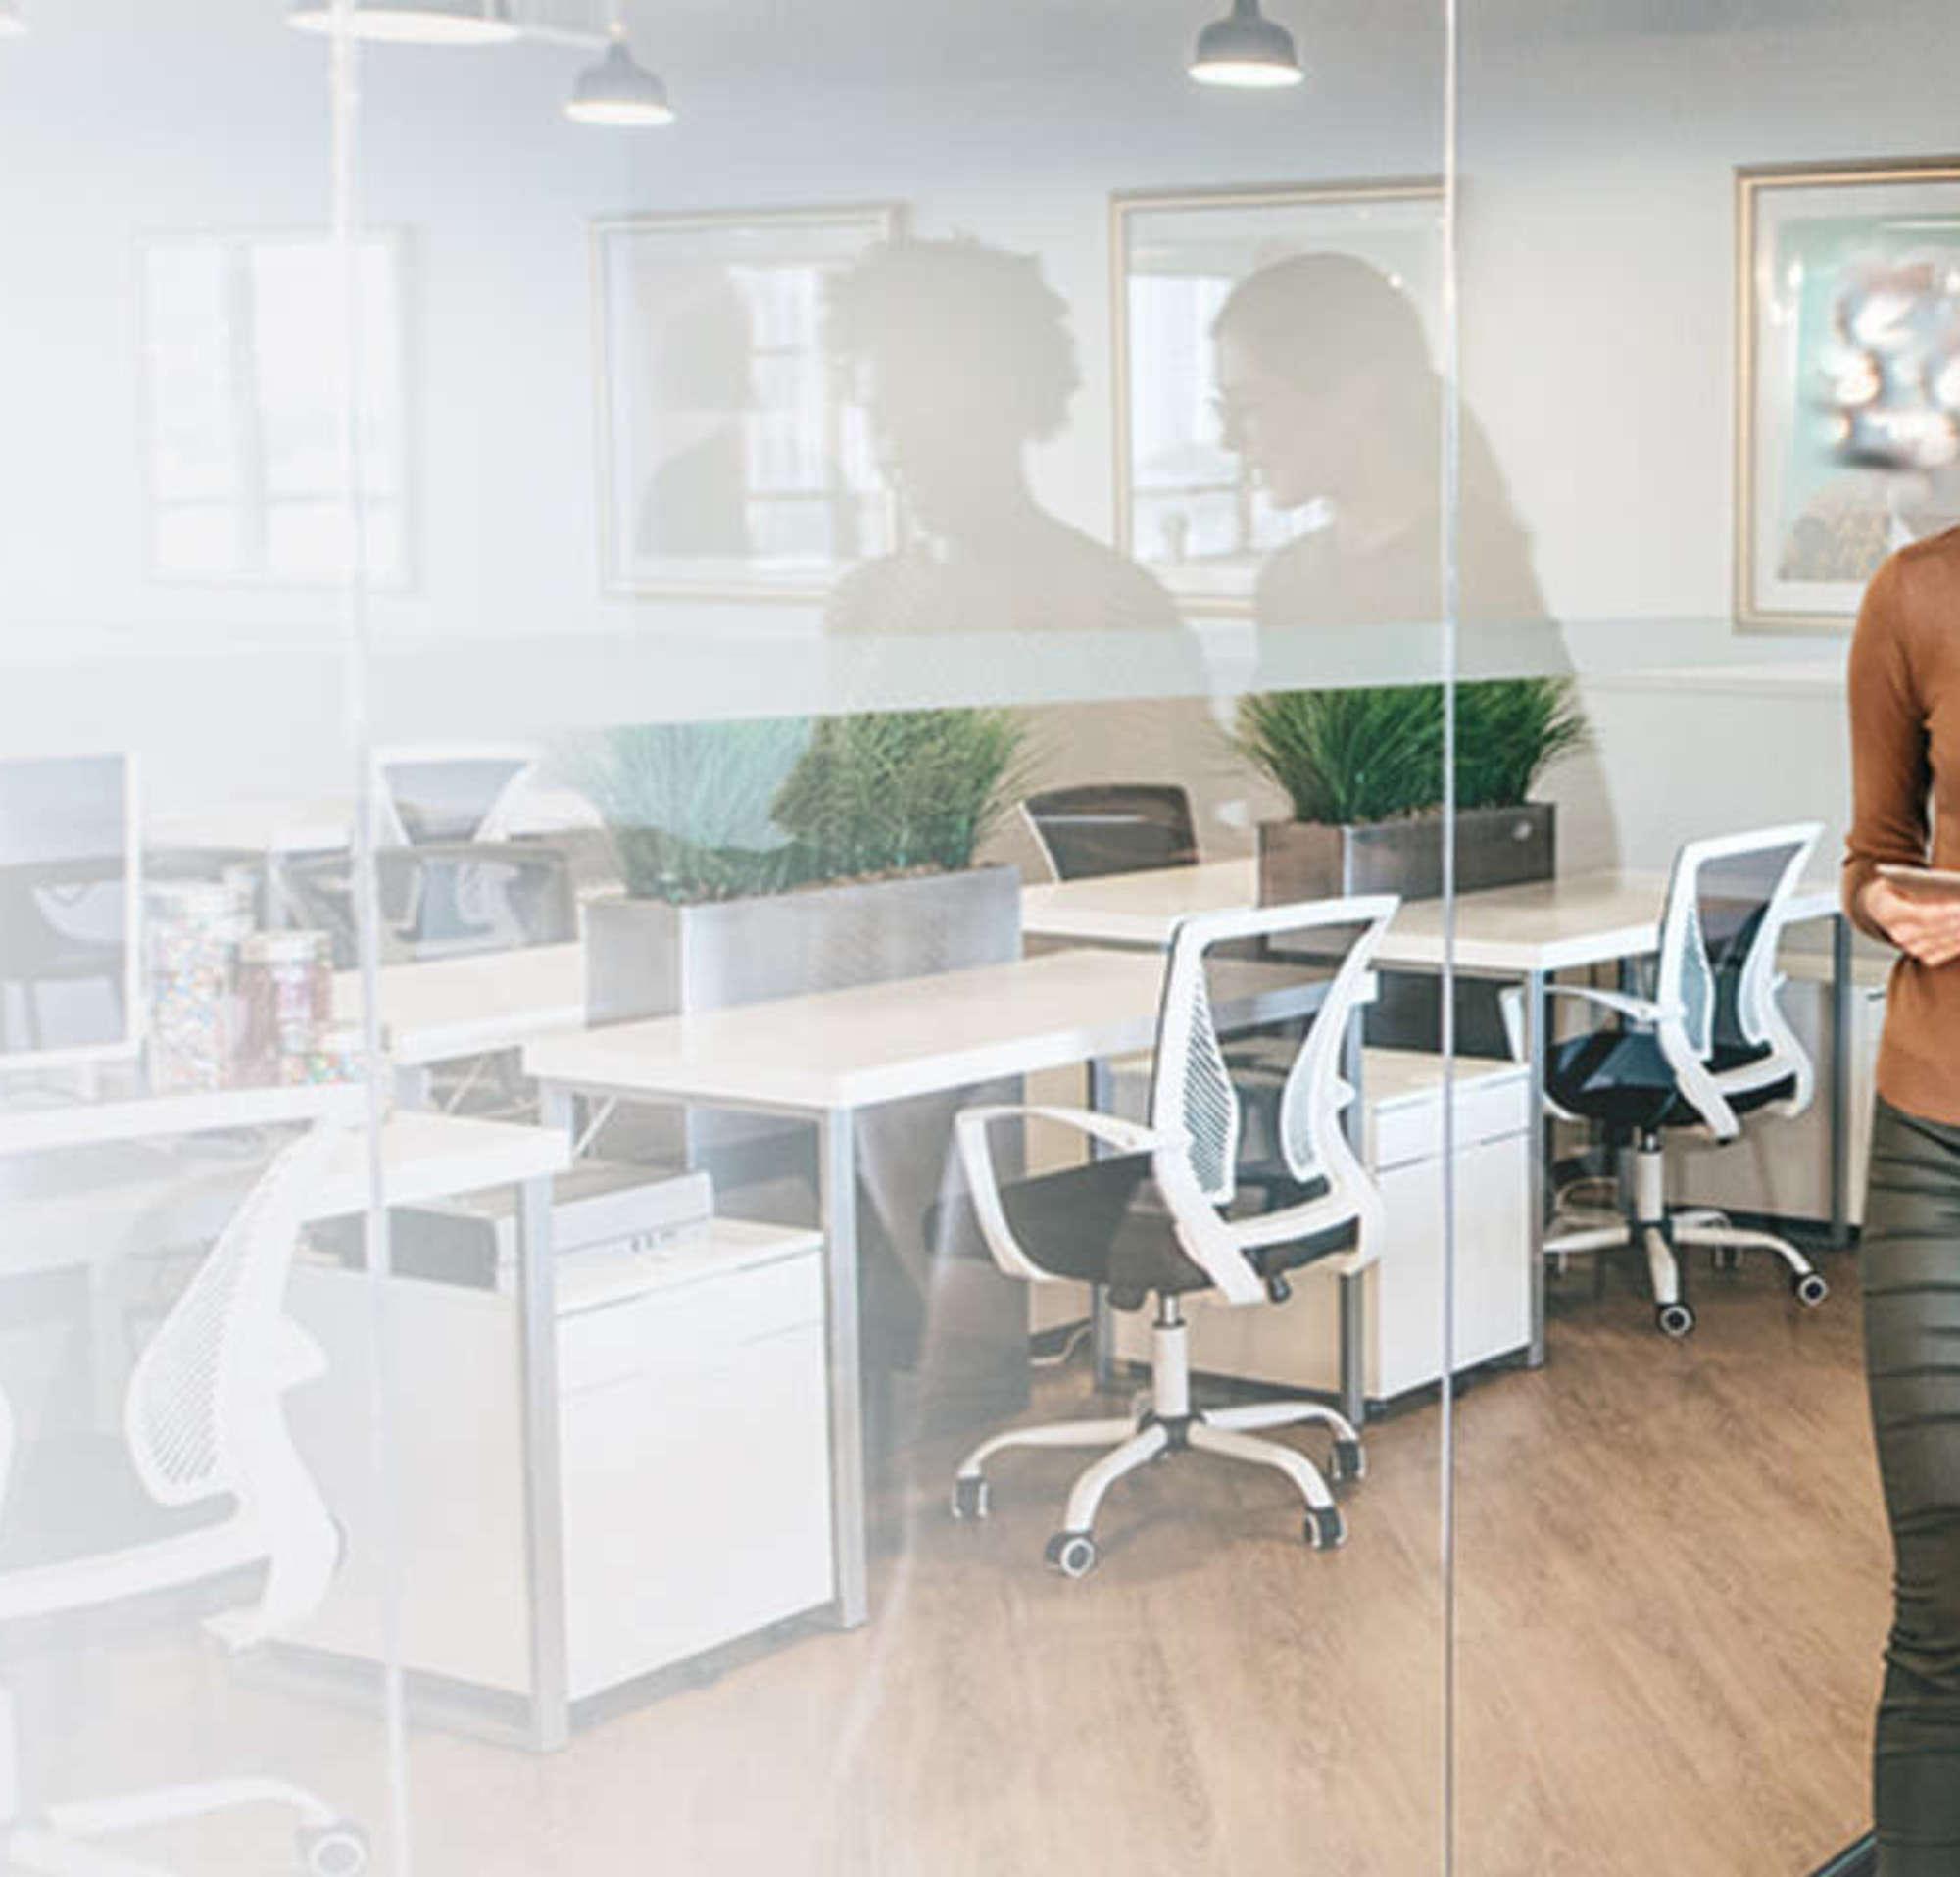 Duas mulheres em uma sala de reunião andando e conversando enquanto olham para um documento.